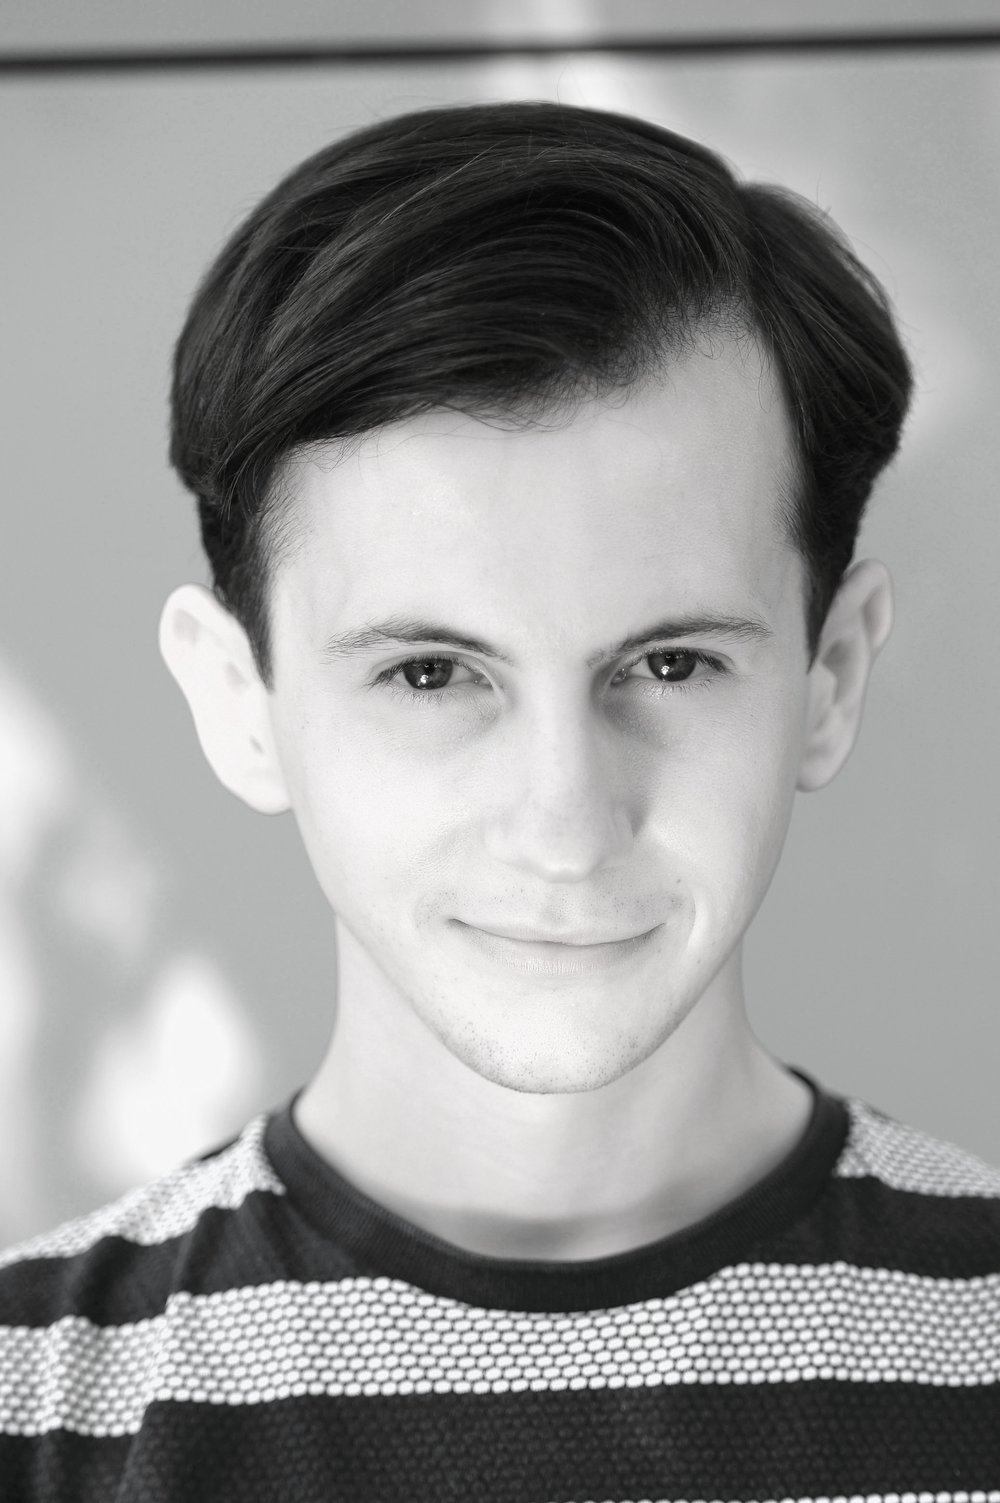 Jacob Beecham